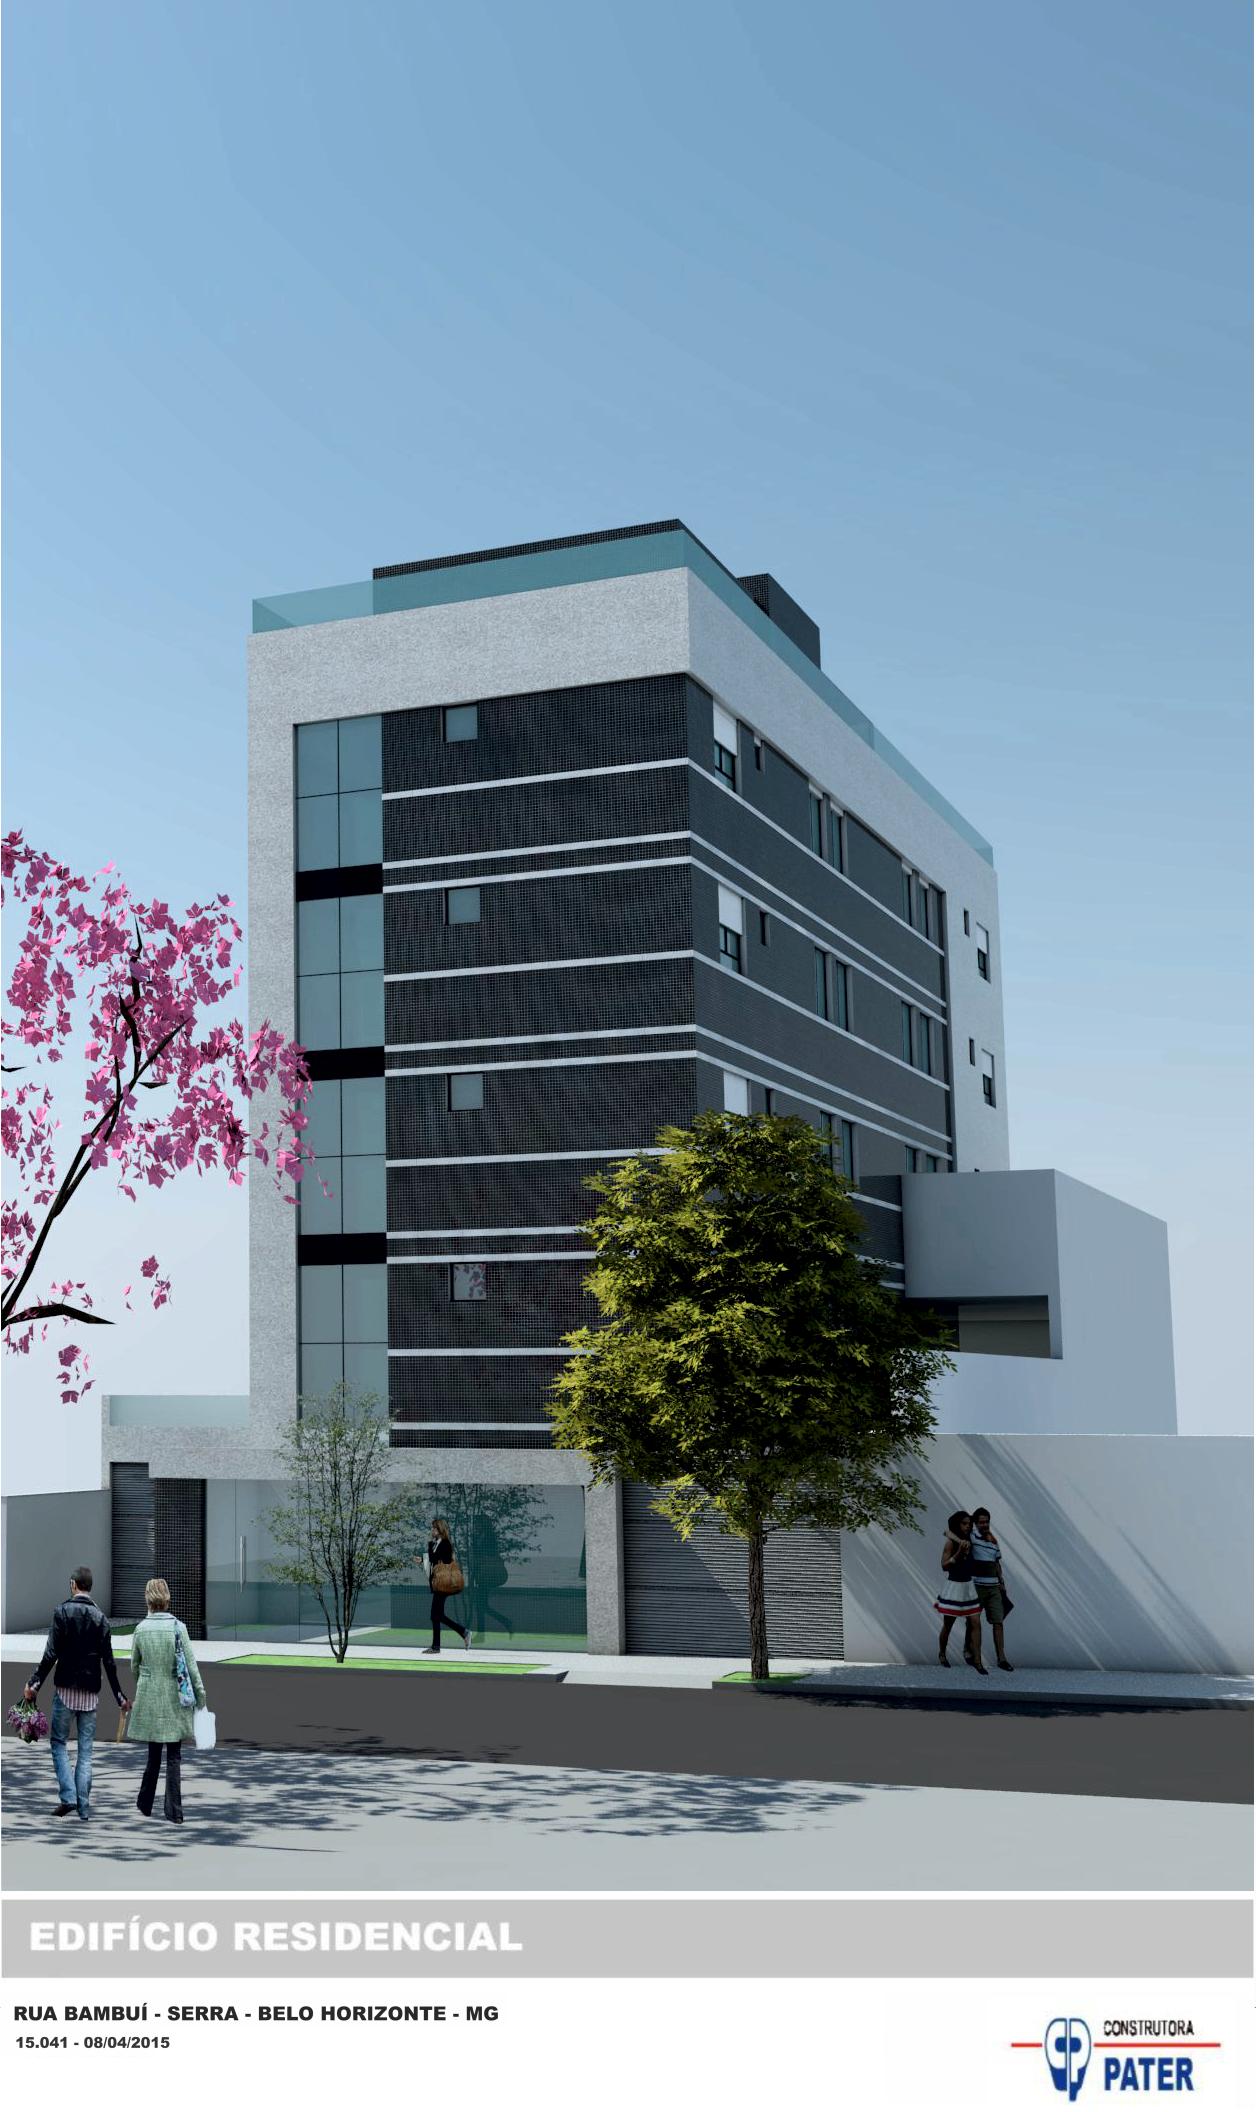 3D_Fachada_EdifícioBambuí 2 FINAL